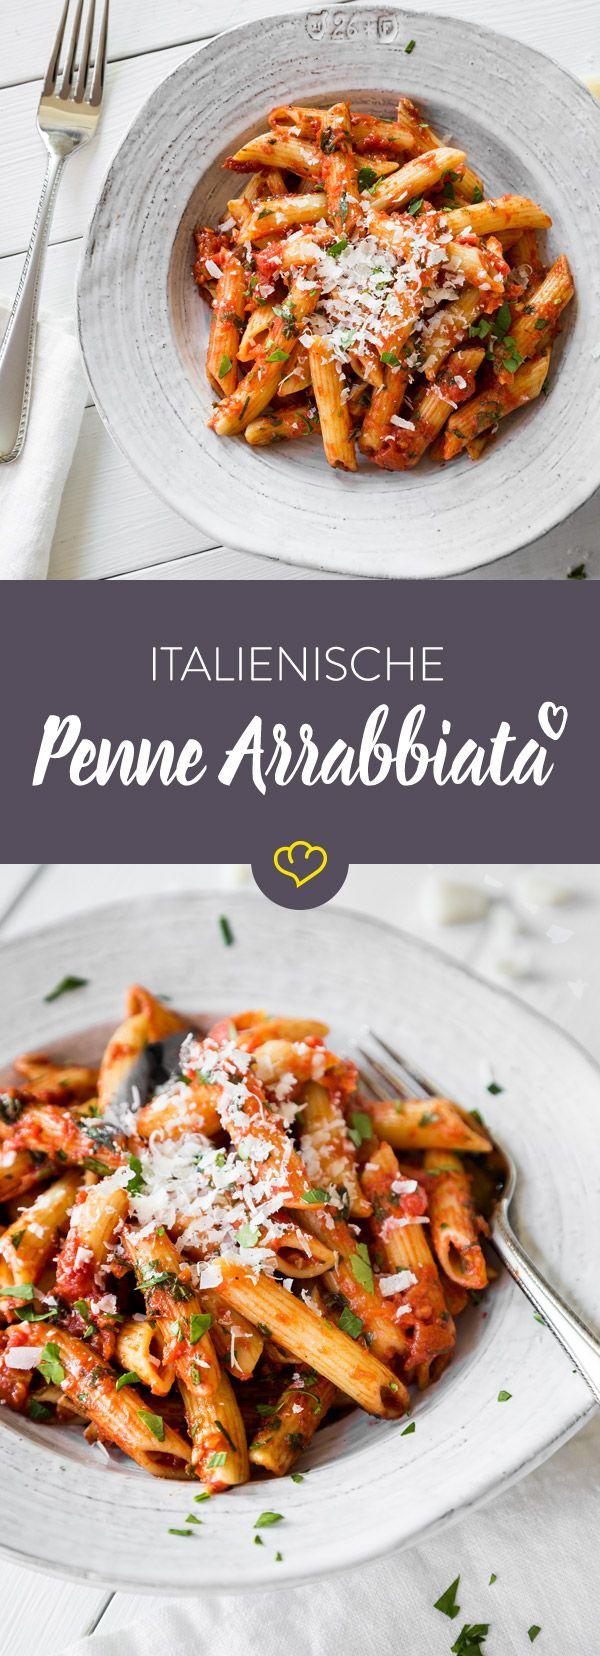 Penne Arrabbiata - der italienische Klassiker